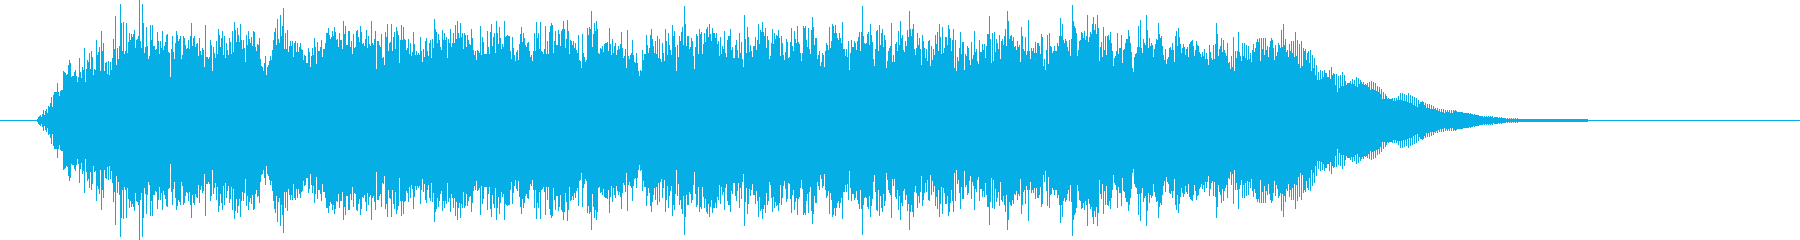 壮大でありトランペットが印象的なBGMの再生済みの波形